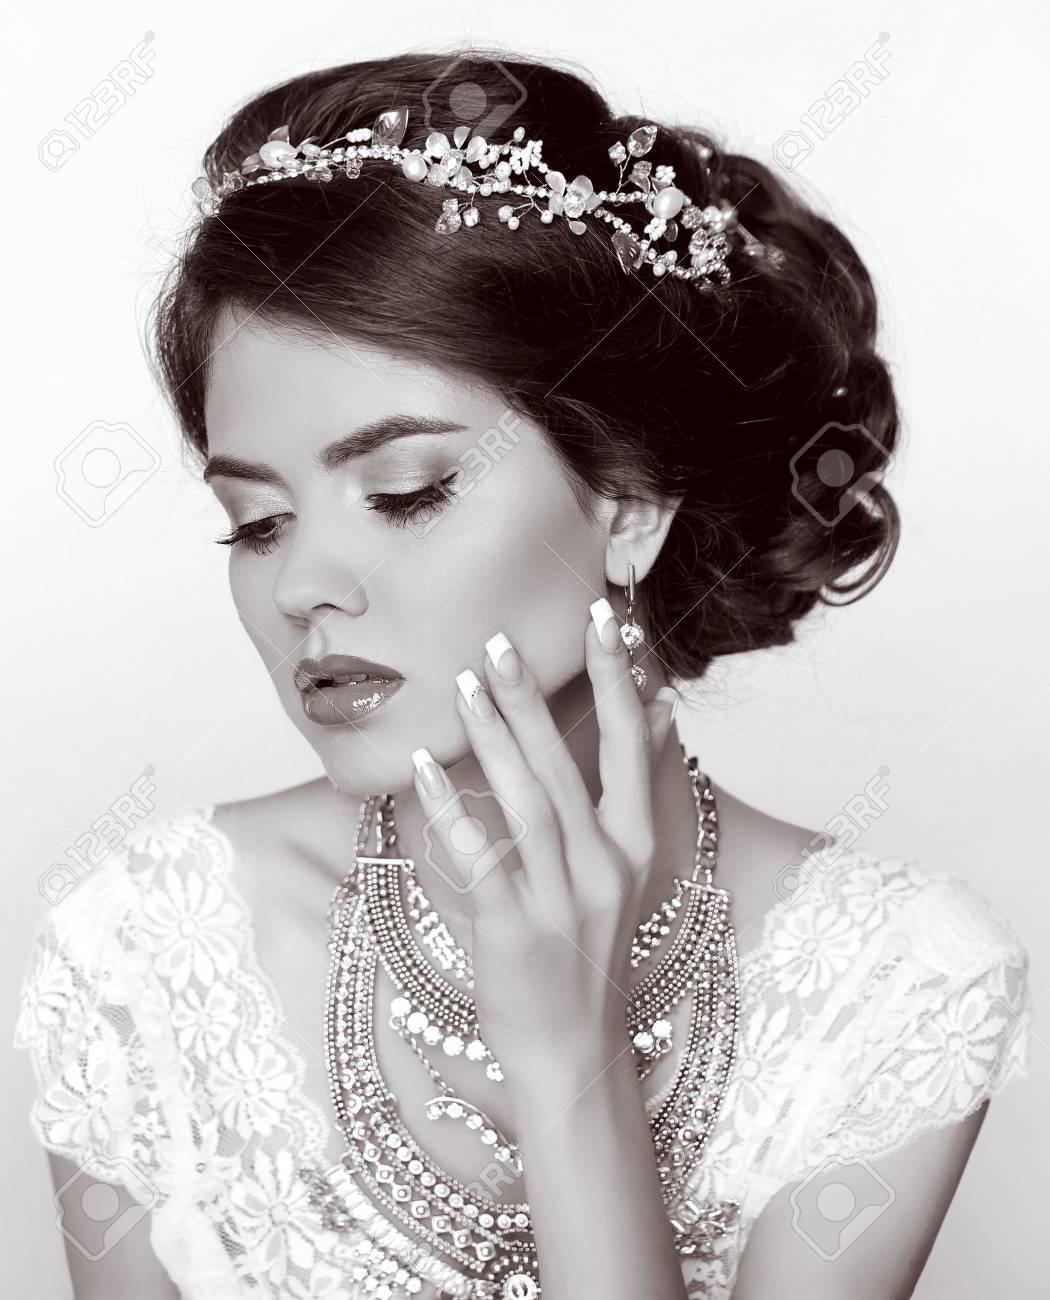 Retro Mujer Novia Hermosa Con El Peinado Elegante Con Joyas